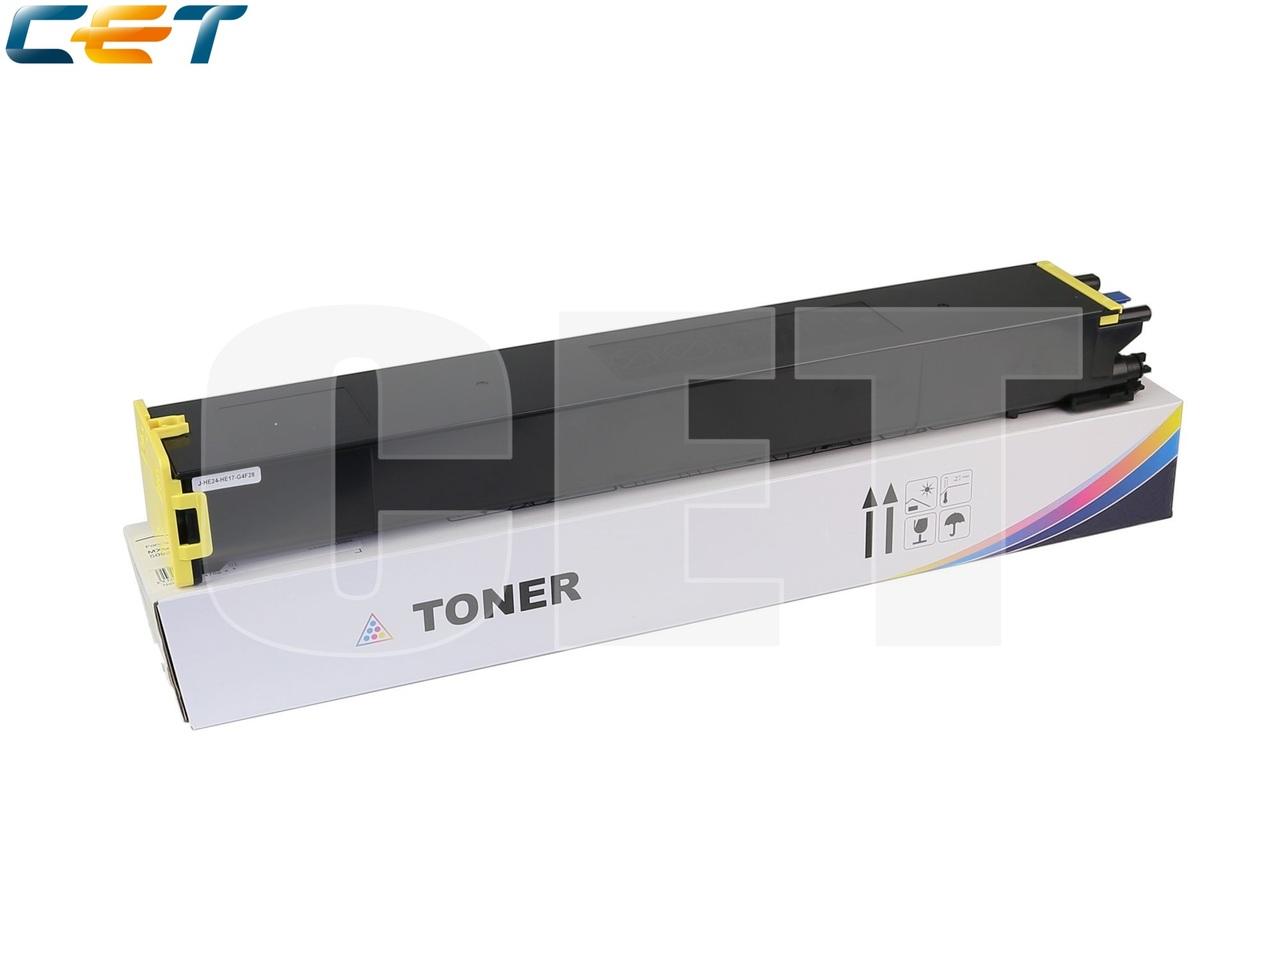 Тонер-картридж MX-60GTYA для SHARPMX-3050N/4050N/4070N/5070N (CET) Yellow, 476г, 24000 стр.,CET141245